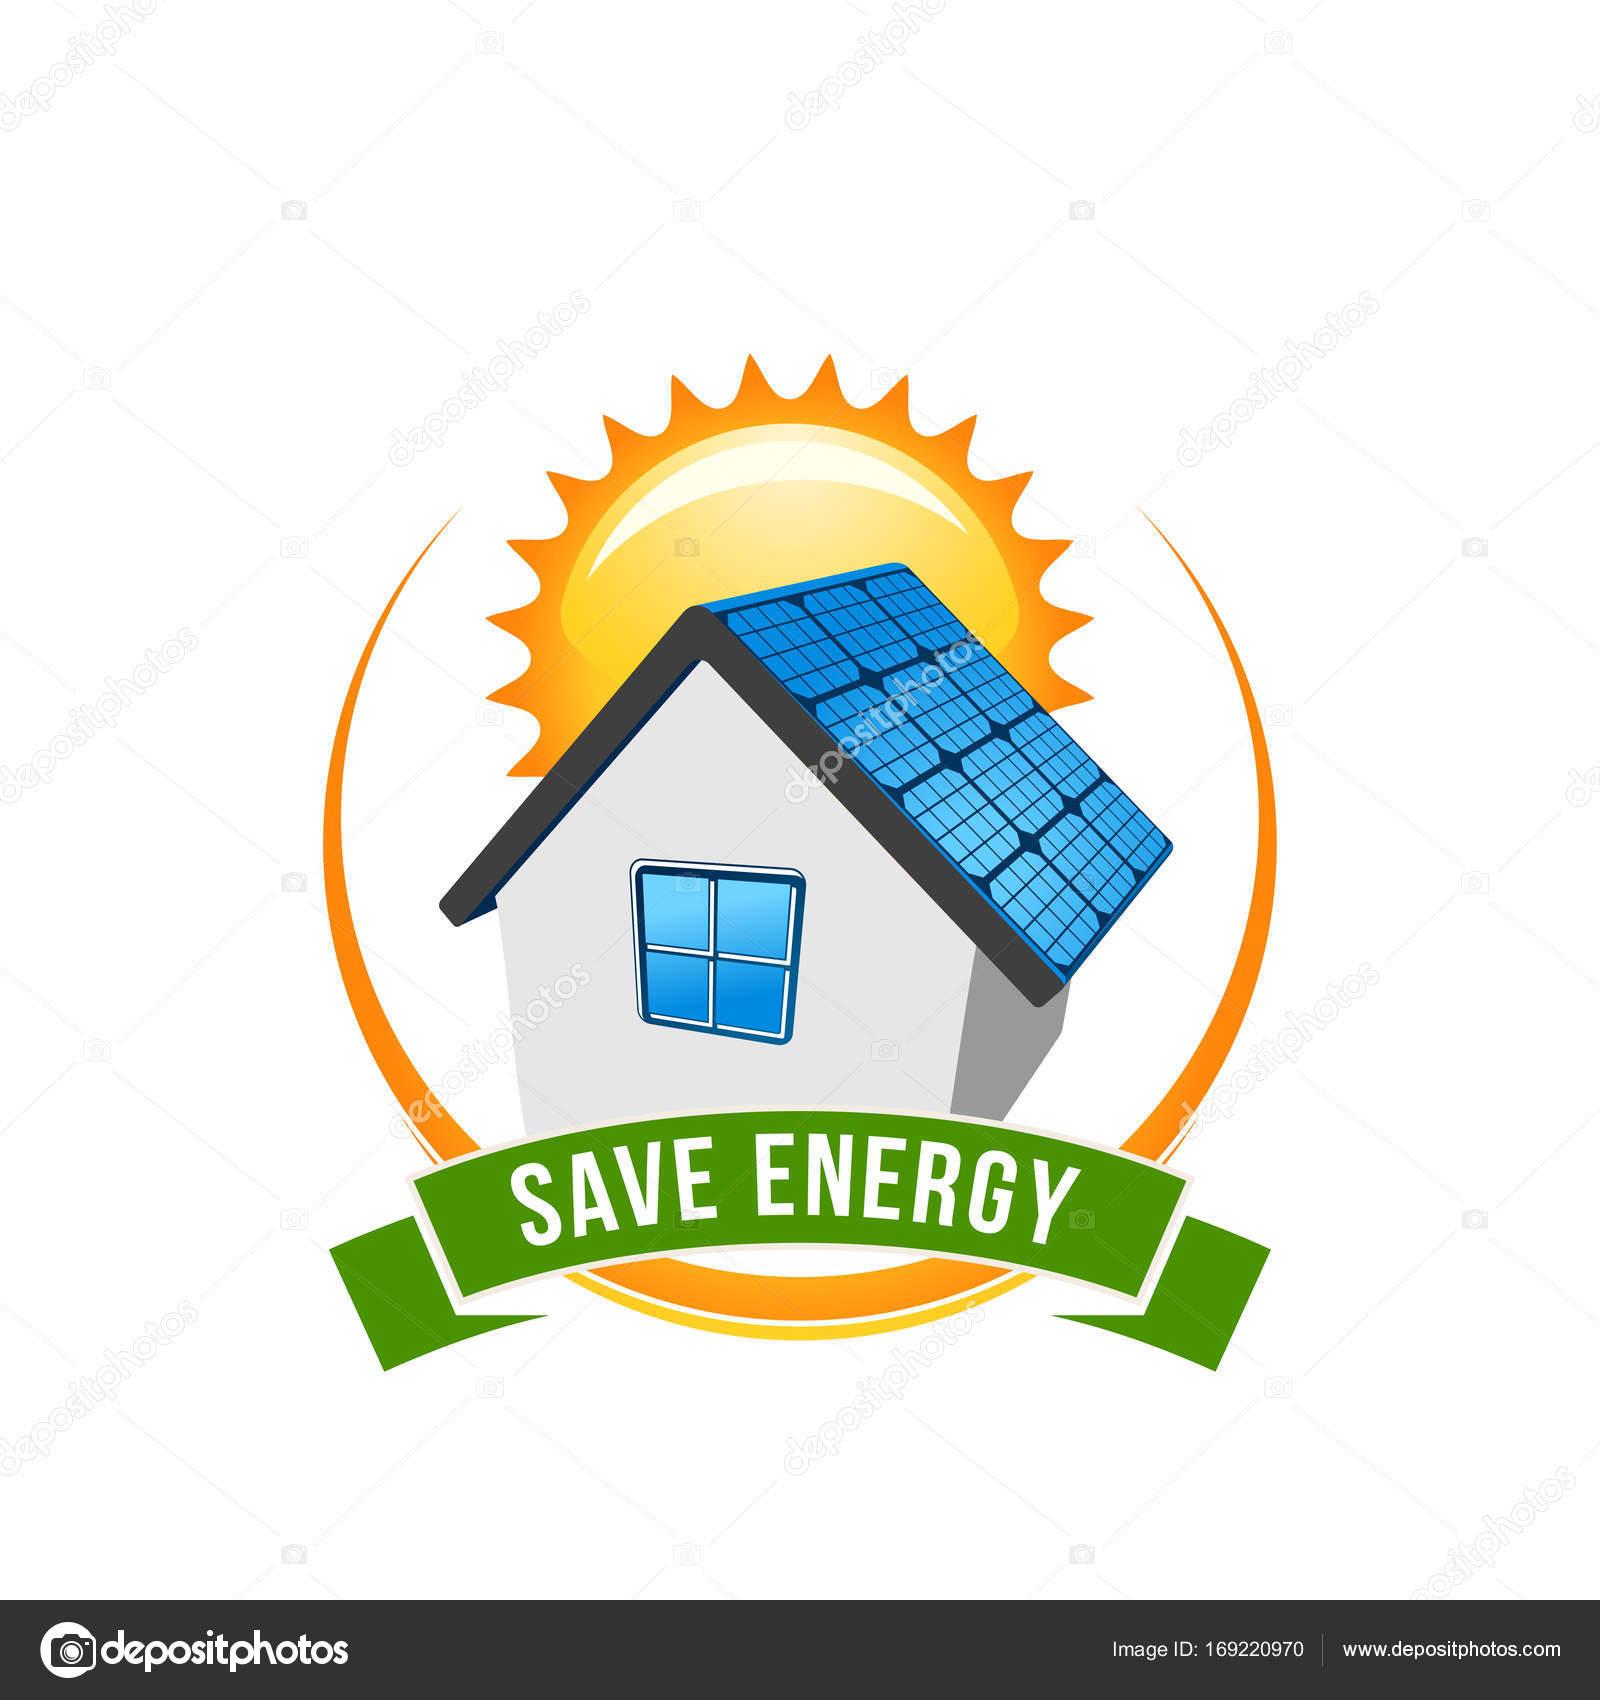 Économie d'énergie verte icône vecteur maison solaire — image